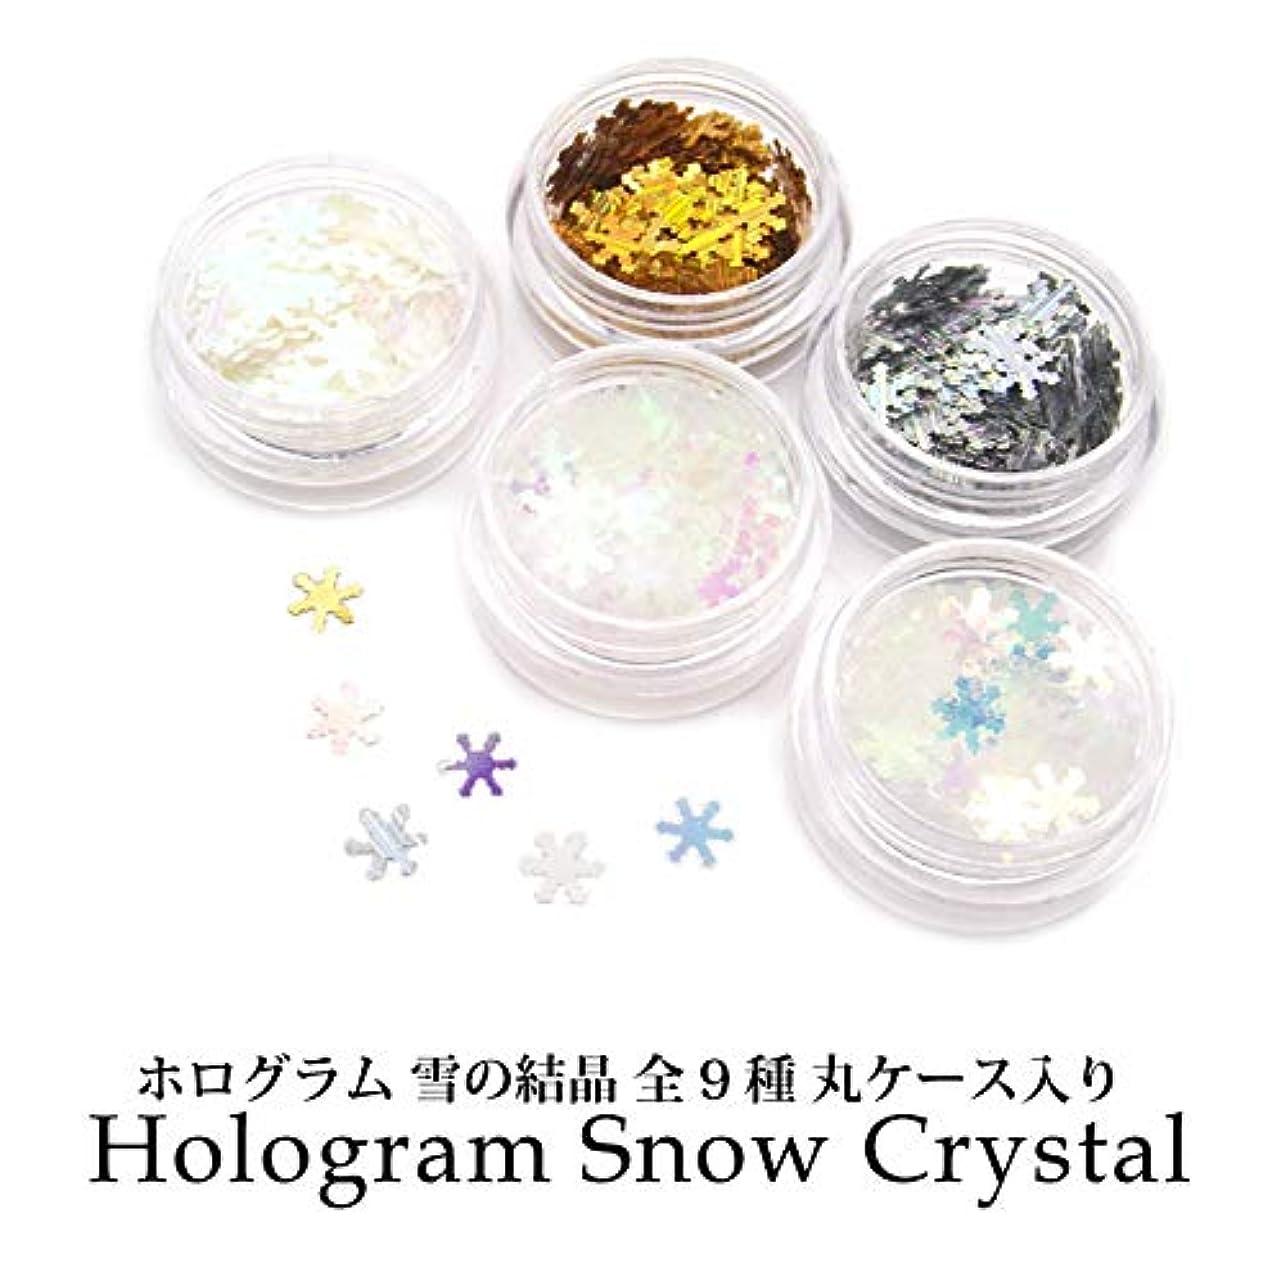 アストロラーベ王族亡命ホログラム 雪の結晶 全9種 丸ケース入り (1.クリアオーロラブルー)